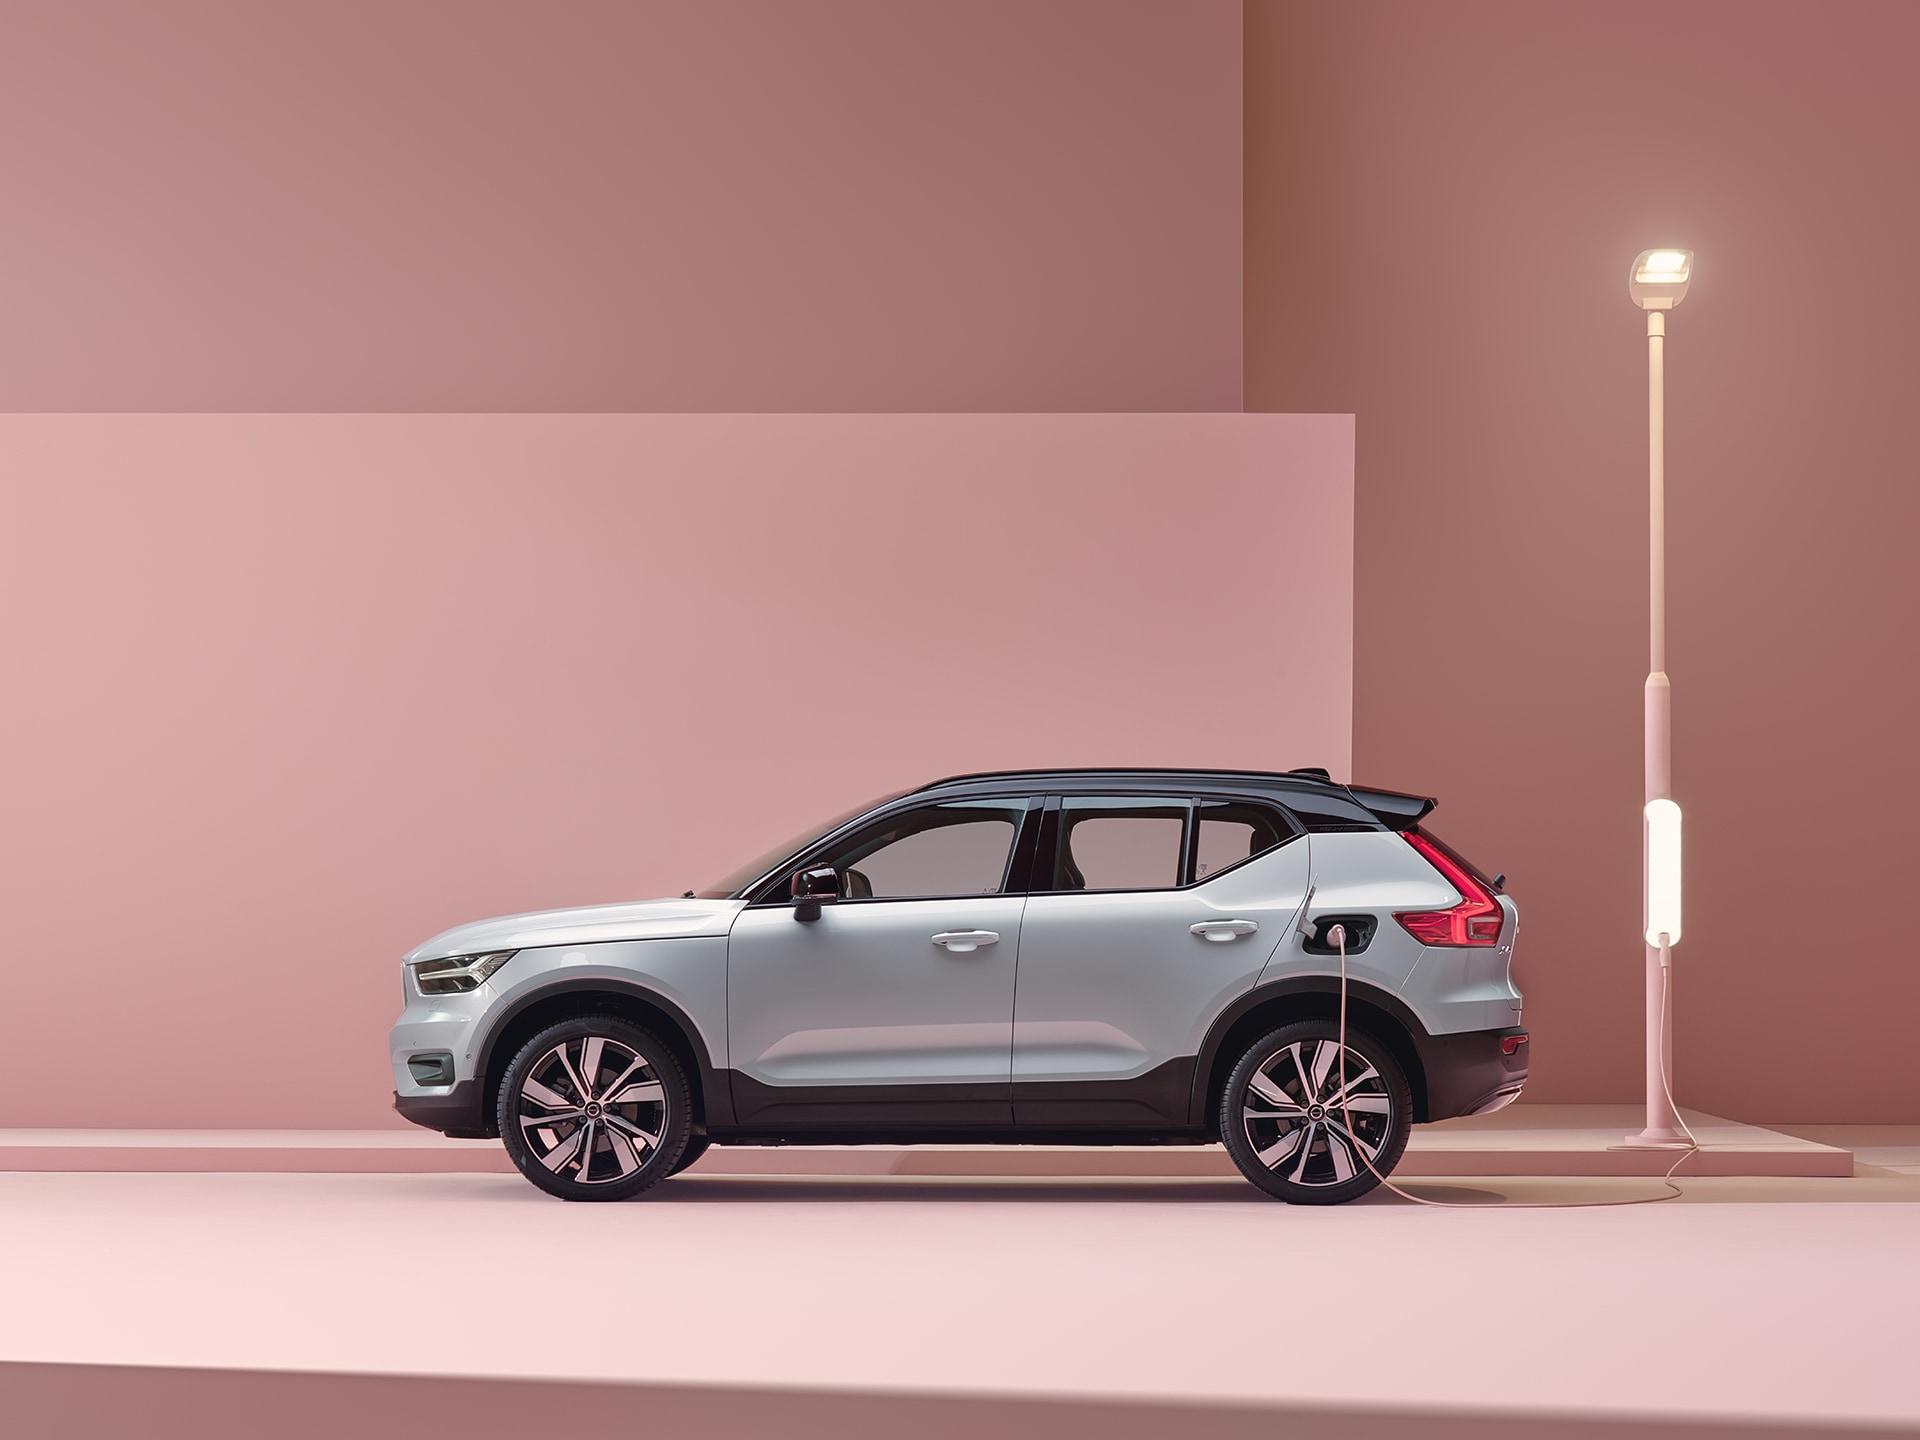 Vår helelektriske, kompakte SUV er designet for en moderne, urban livsstil.